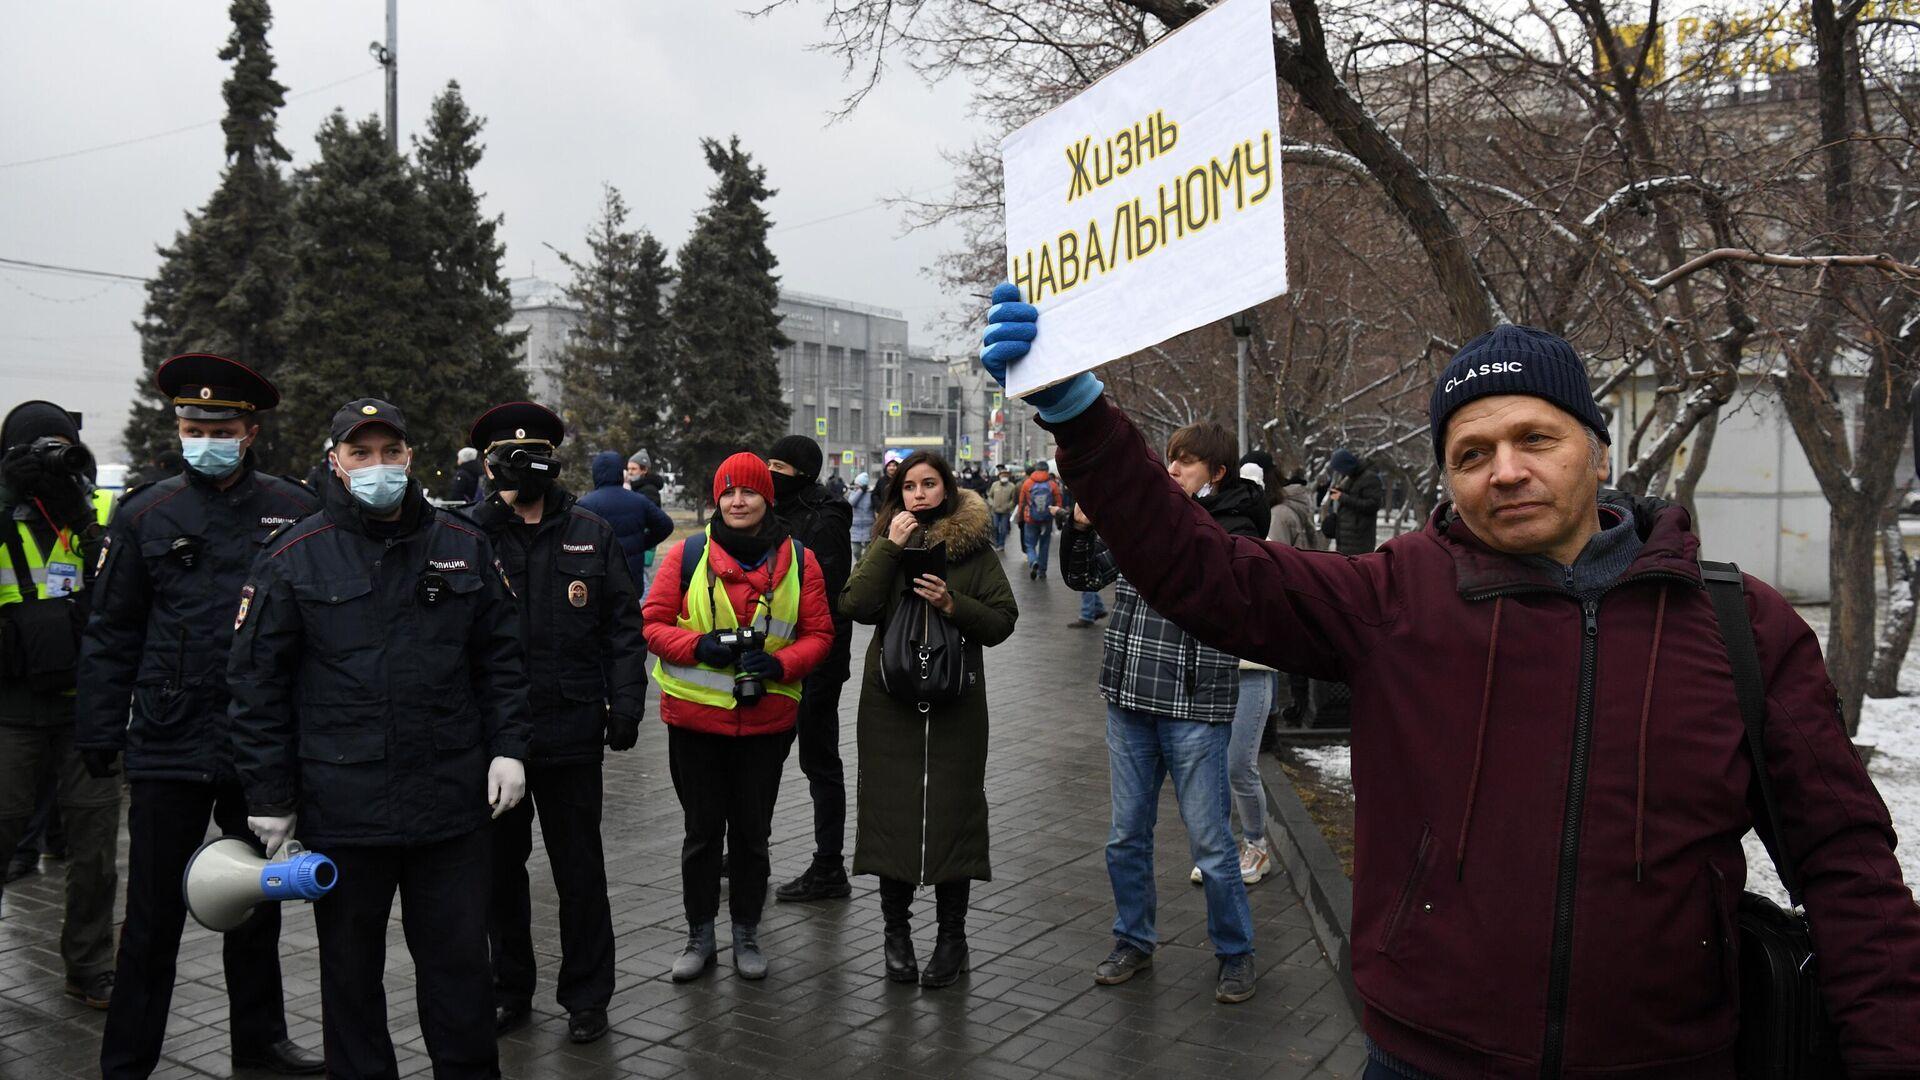 Сотрудники полиции и участник несанкционированной акции в поддержку Алексея Навального на площади Ленина в Новосибирске - РИА Новости, 1920, 21.04.2021